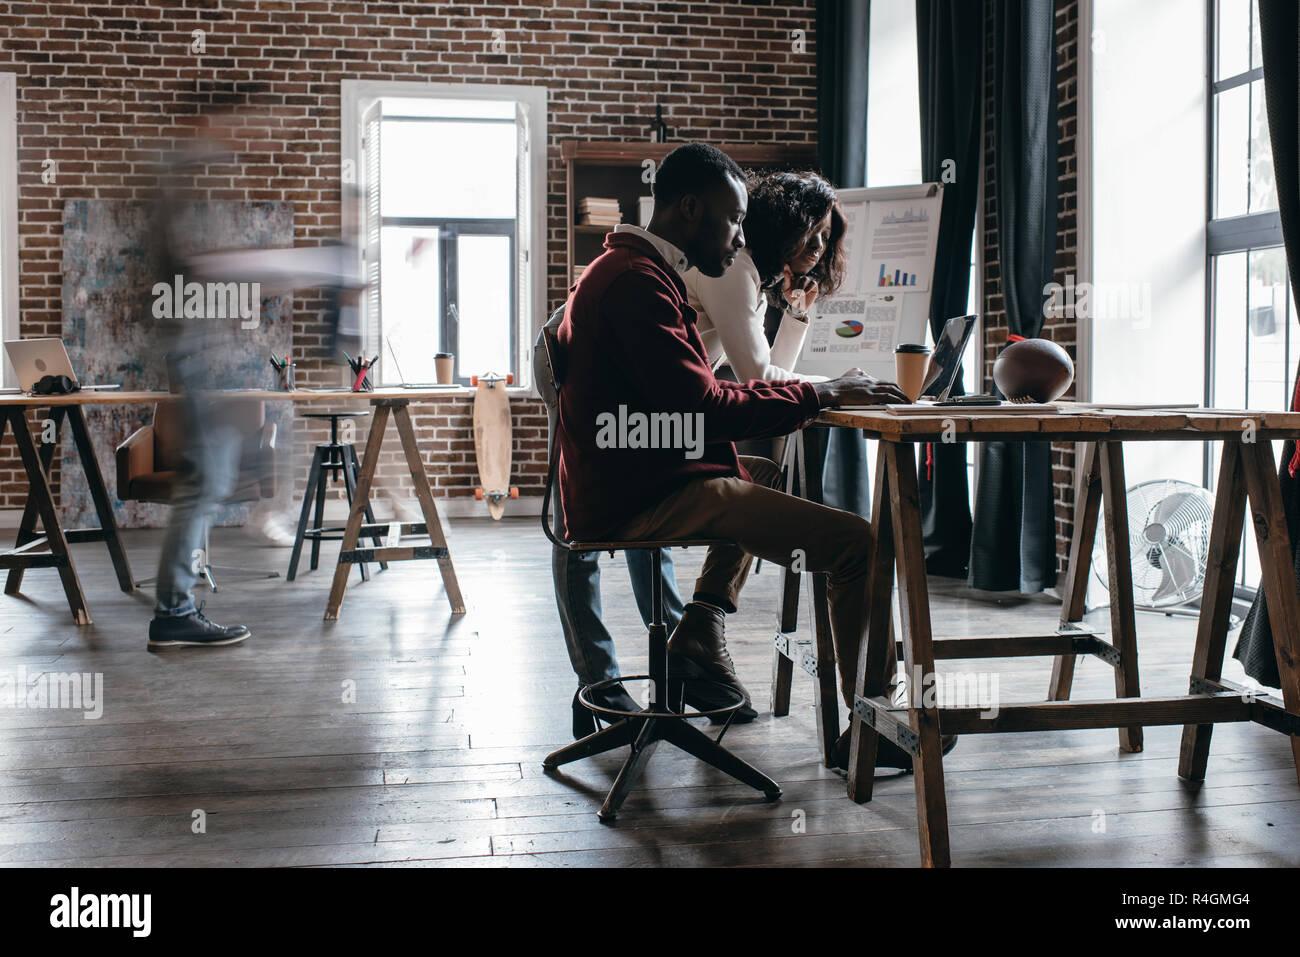 Afrikanische amerikanische Paar legere businesspeople am Schreibtisch mit Kollegen in motion blur Arbeiten in modernen Loft Büro Stockbild